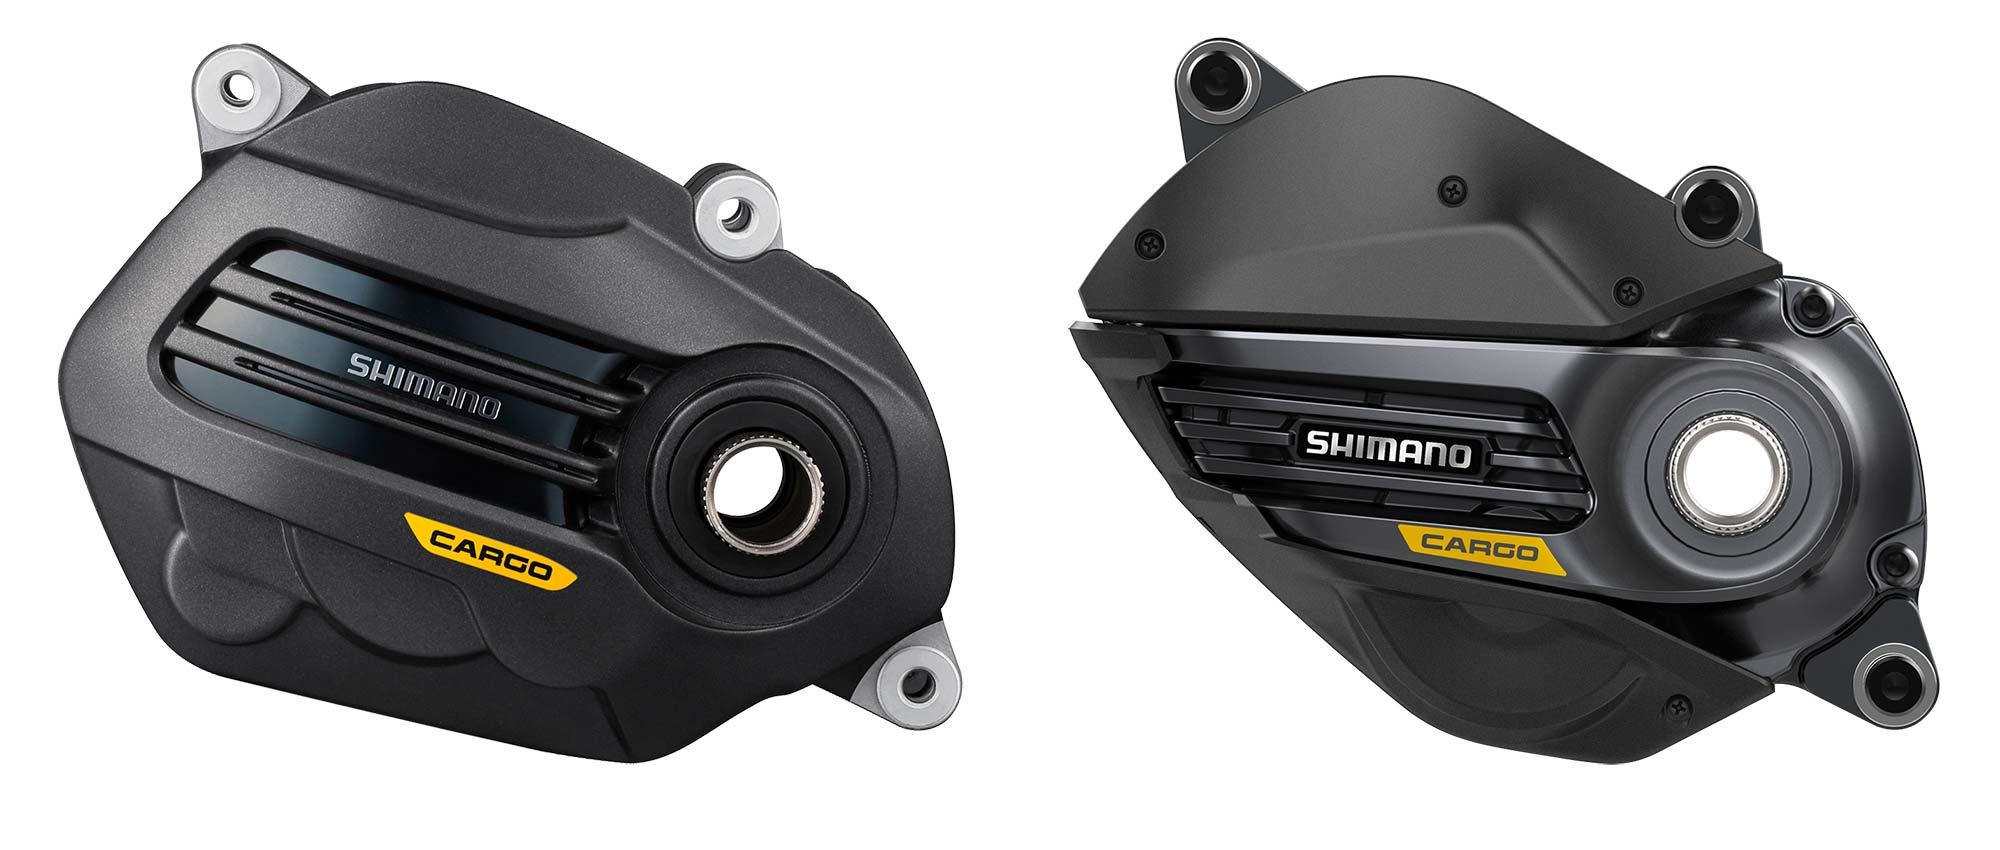 Shimano Cargo e-bikes, E6100 vs. EP8eavy-duty electric motor cargo-specific power tunes,